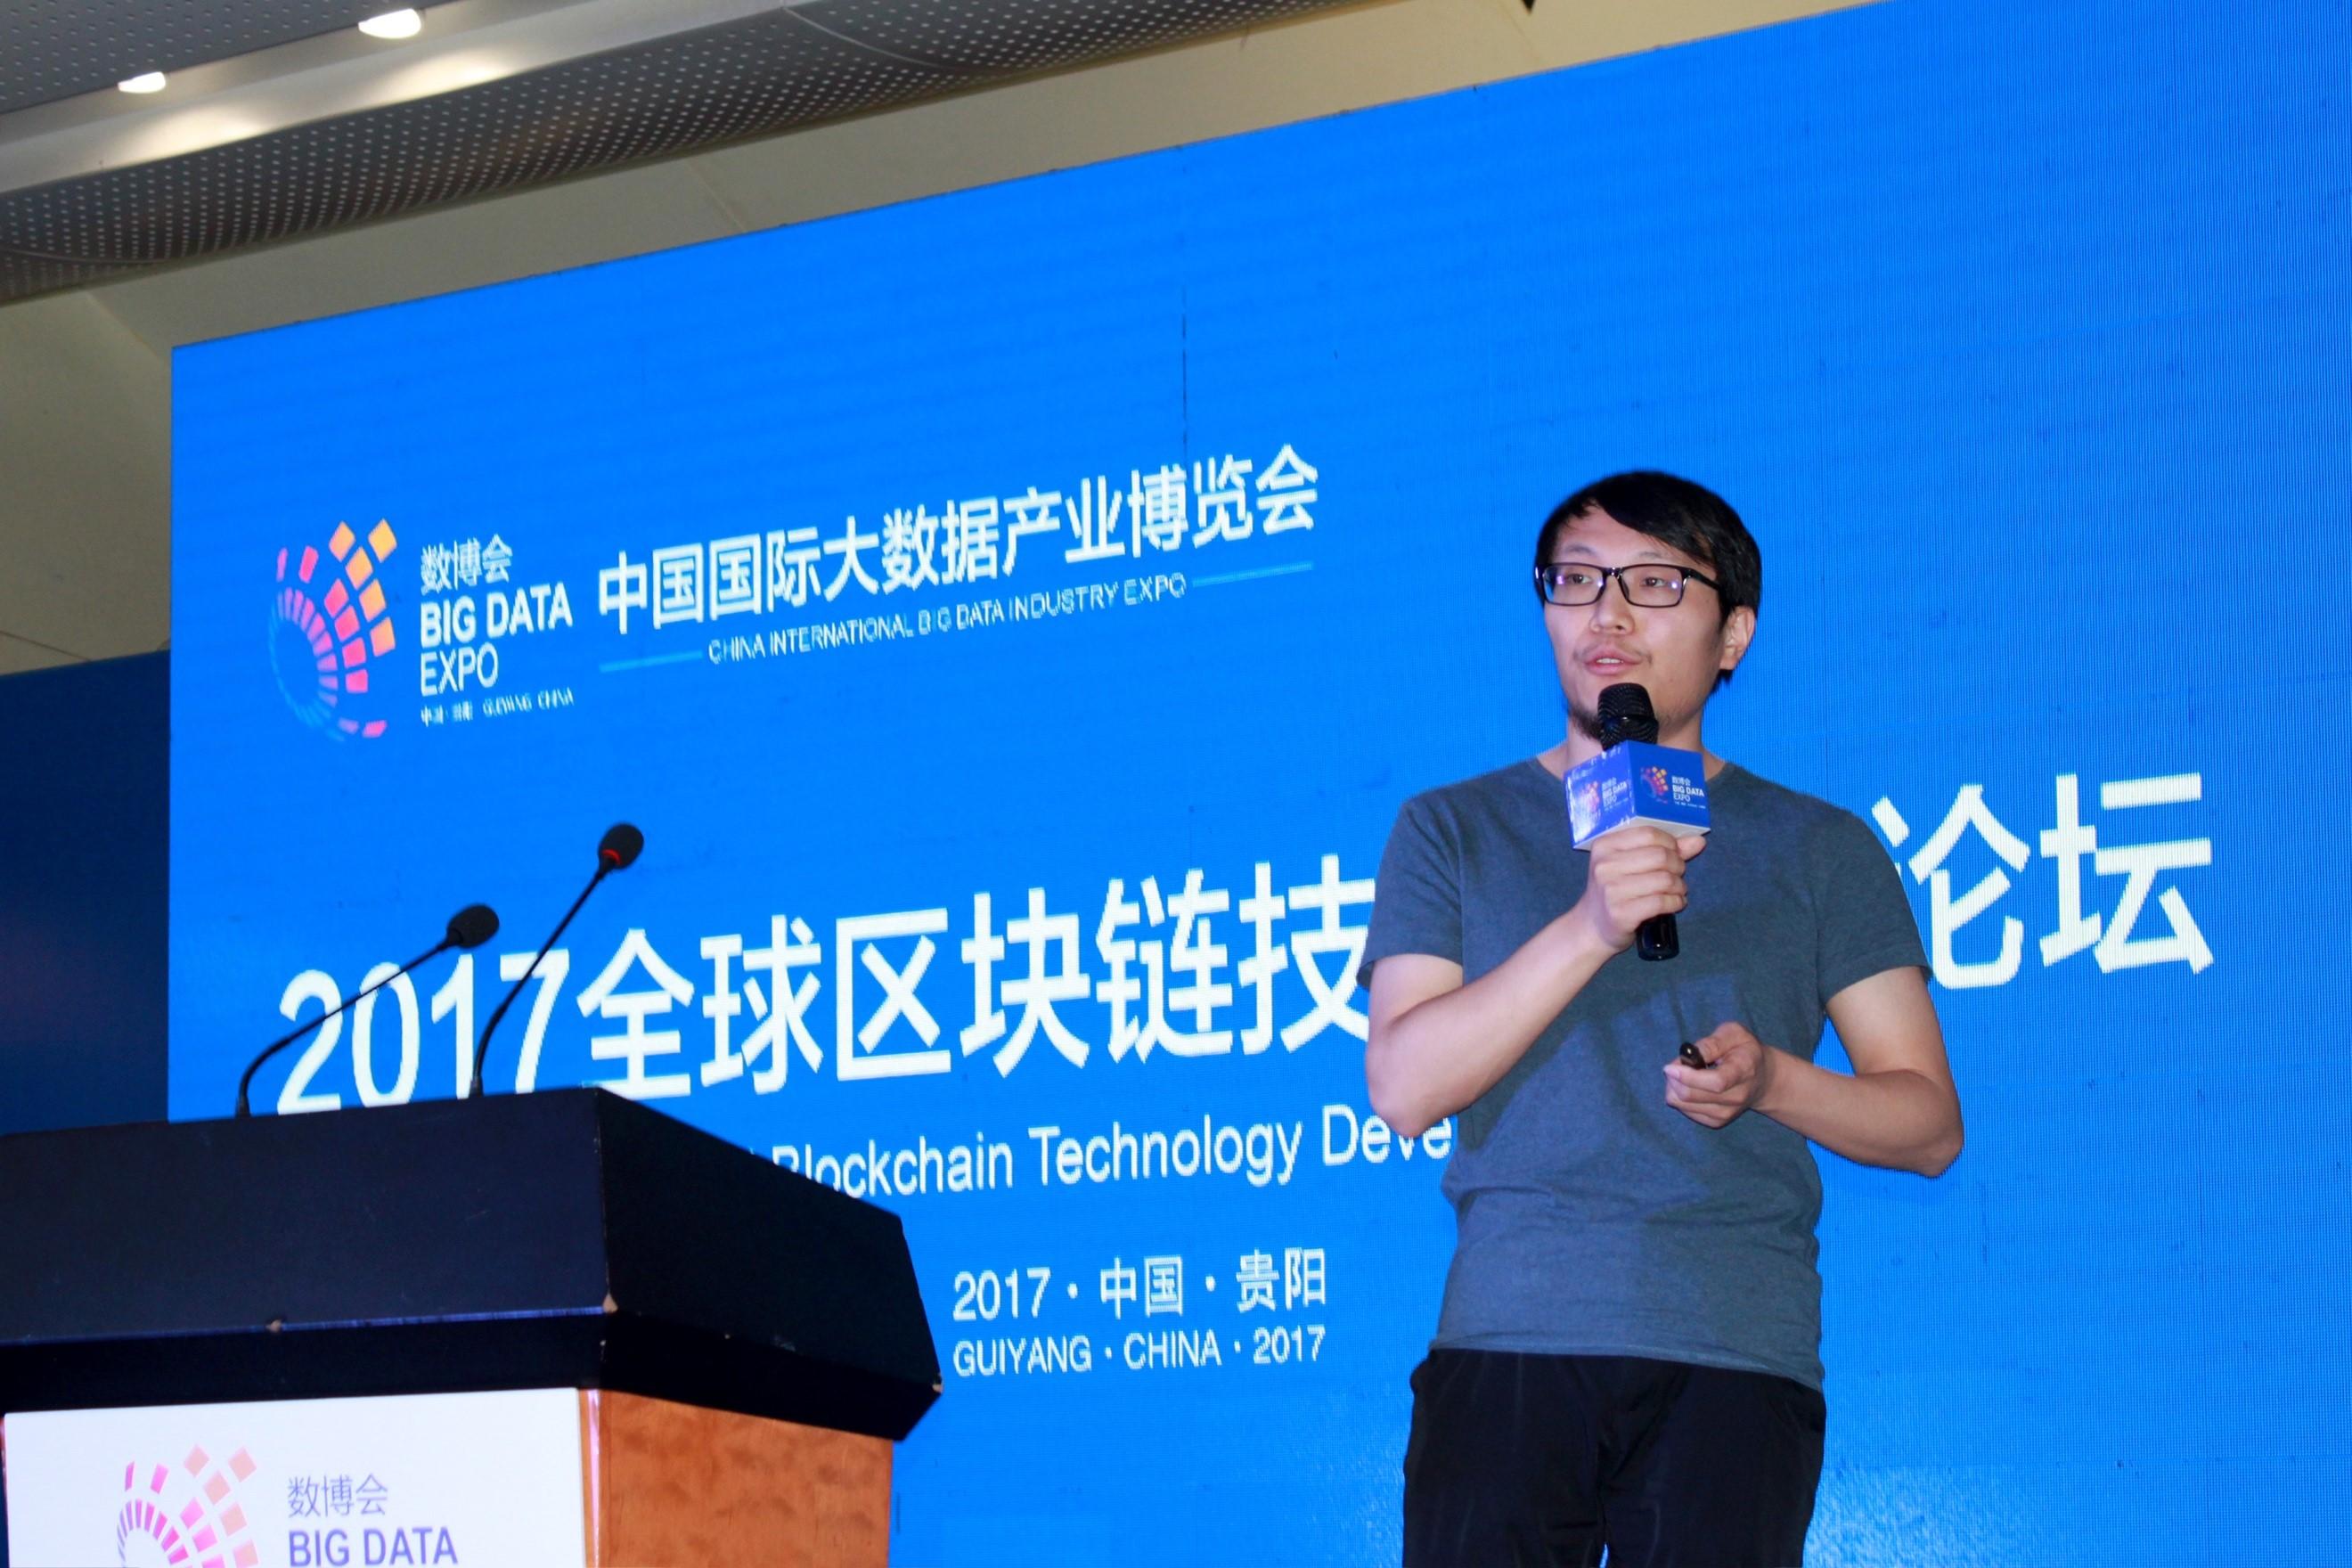 博晨技术出席2017数博会 致力推动区块链技术发展